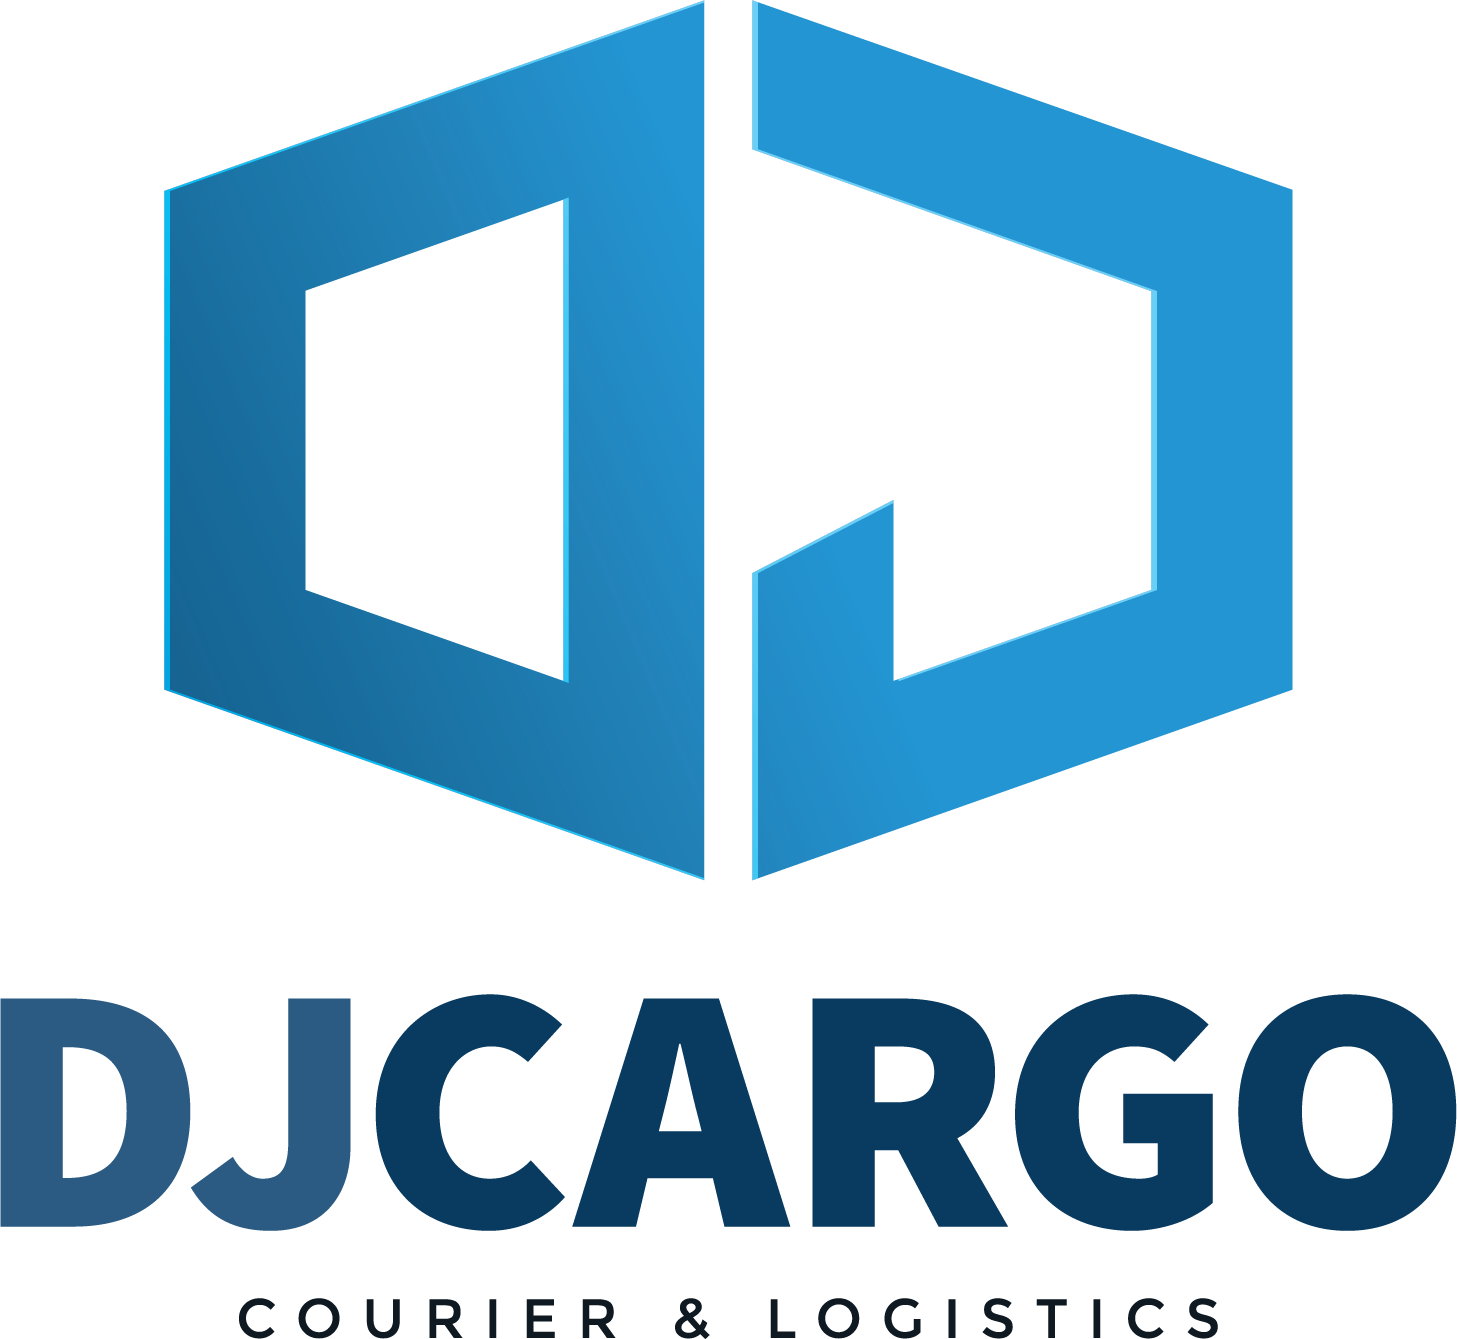 DJCargo